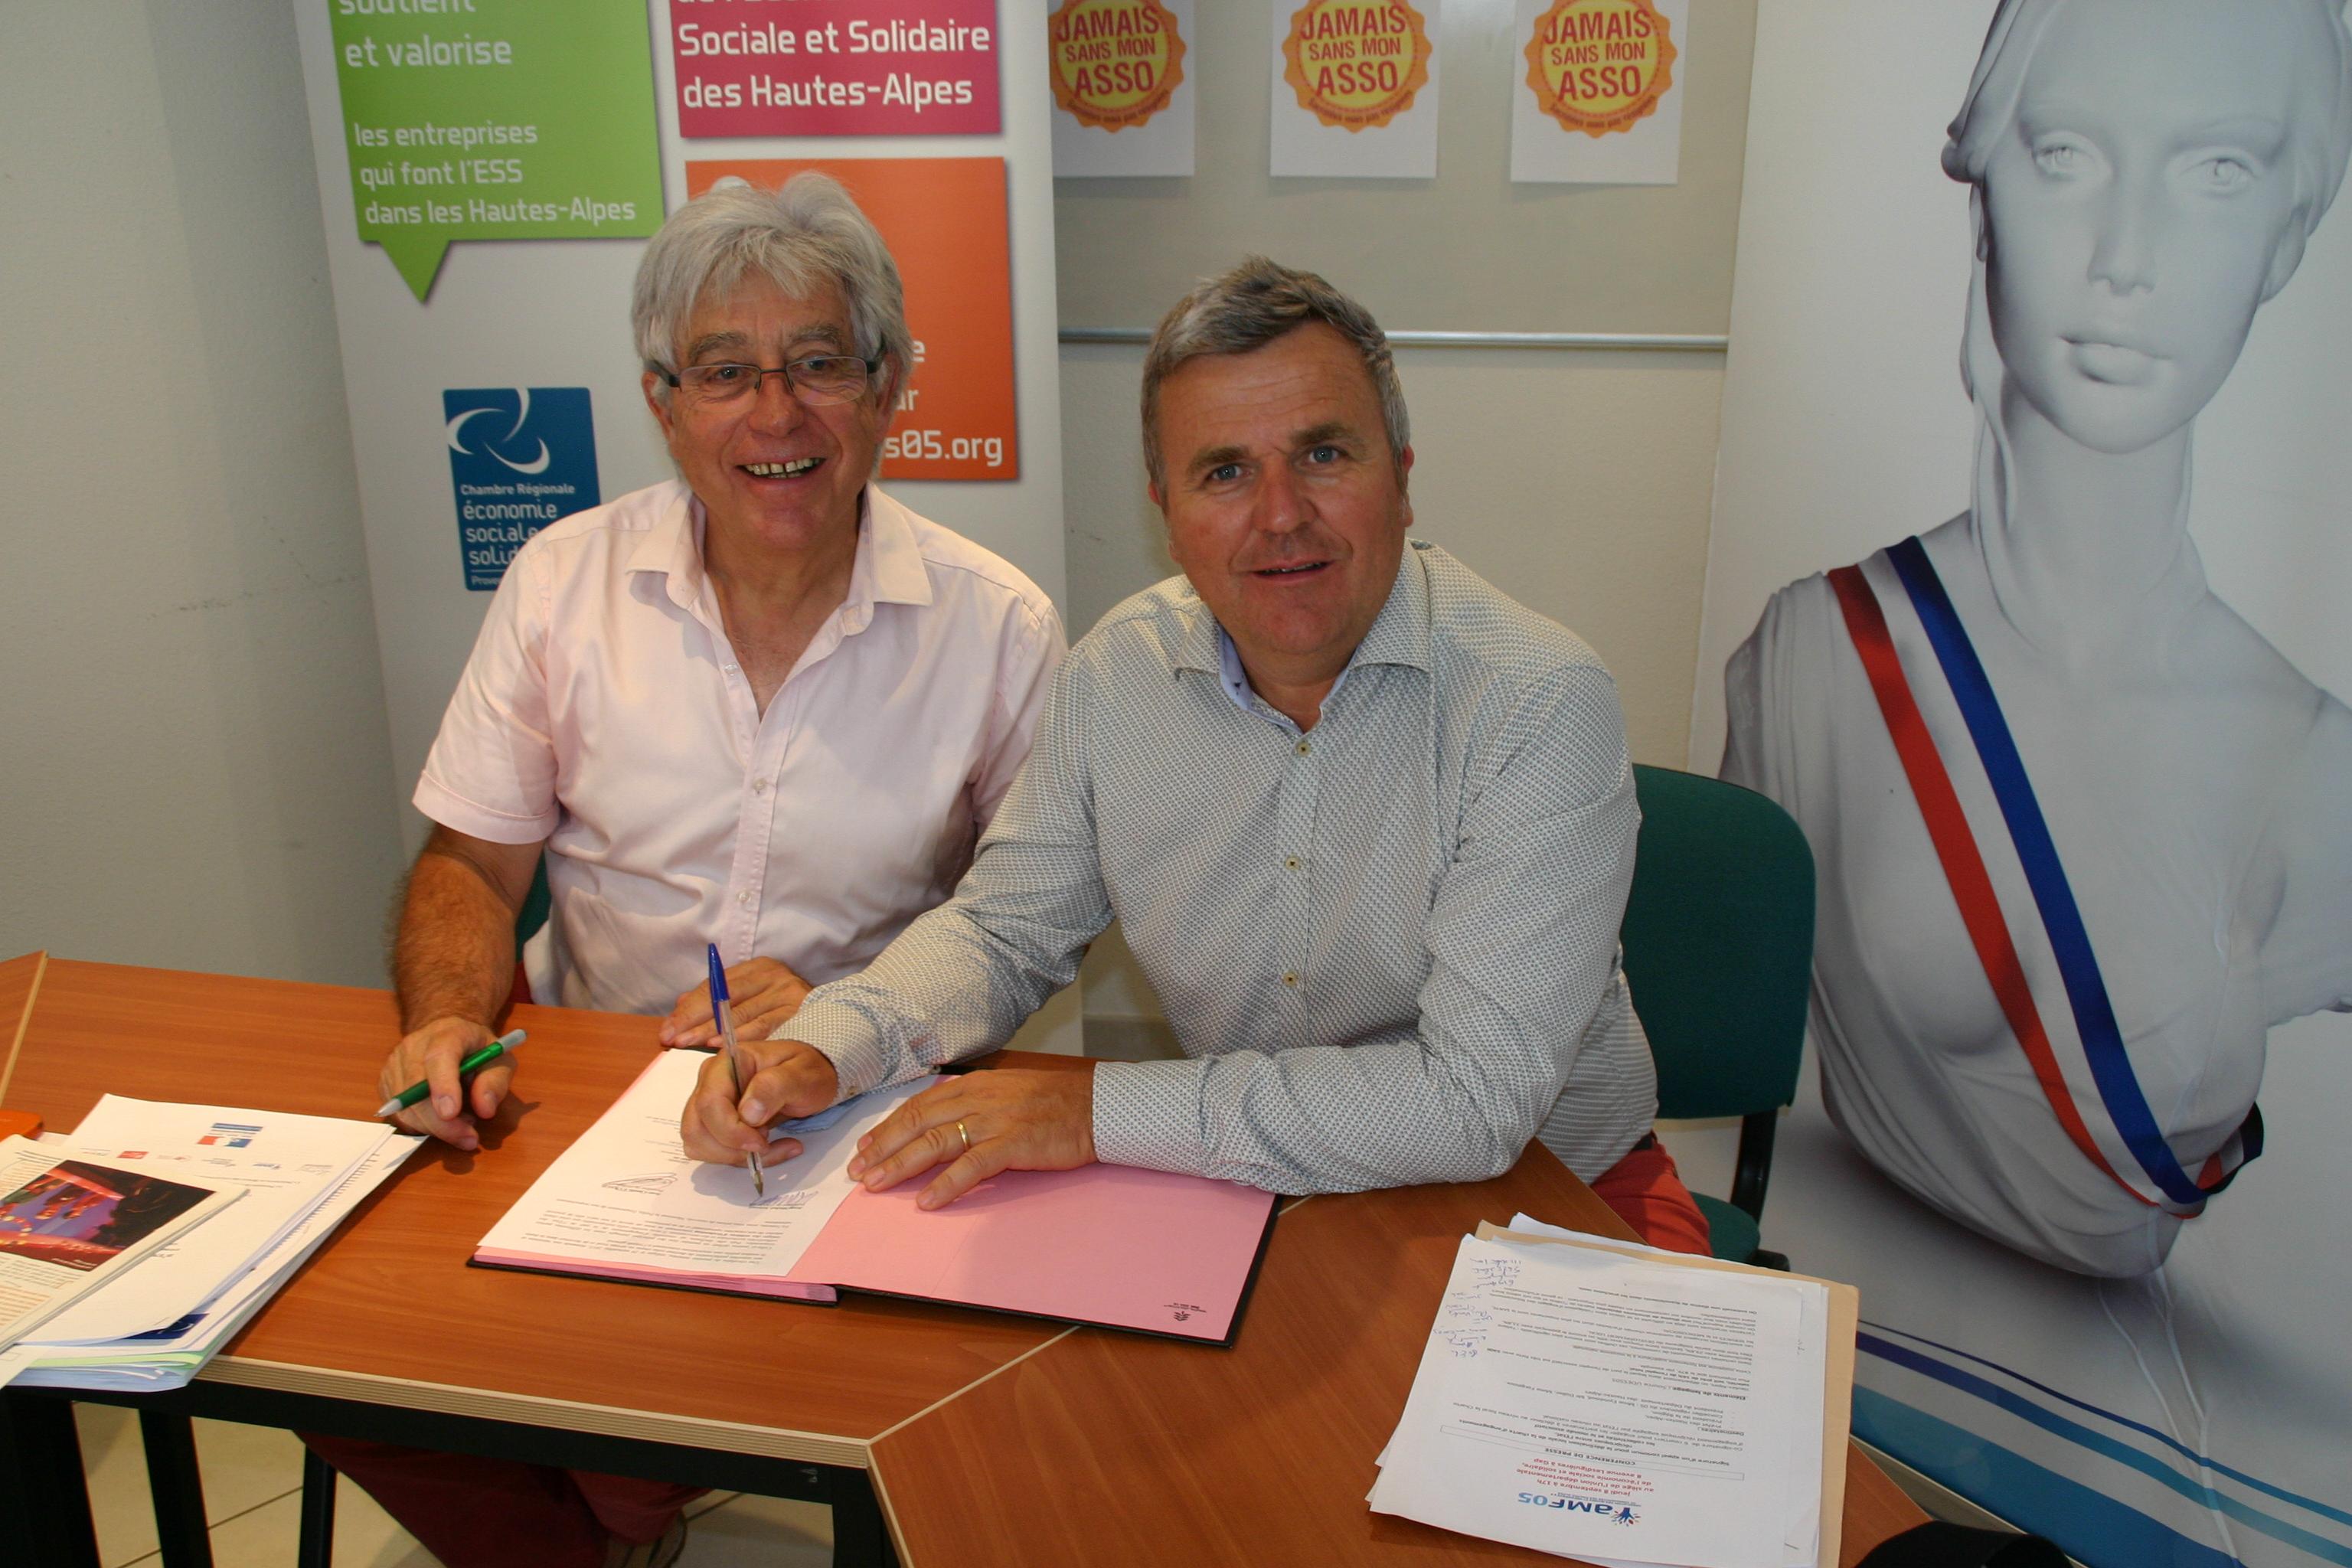 Communes et associations signent une charte d'engagement réciproque